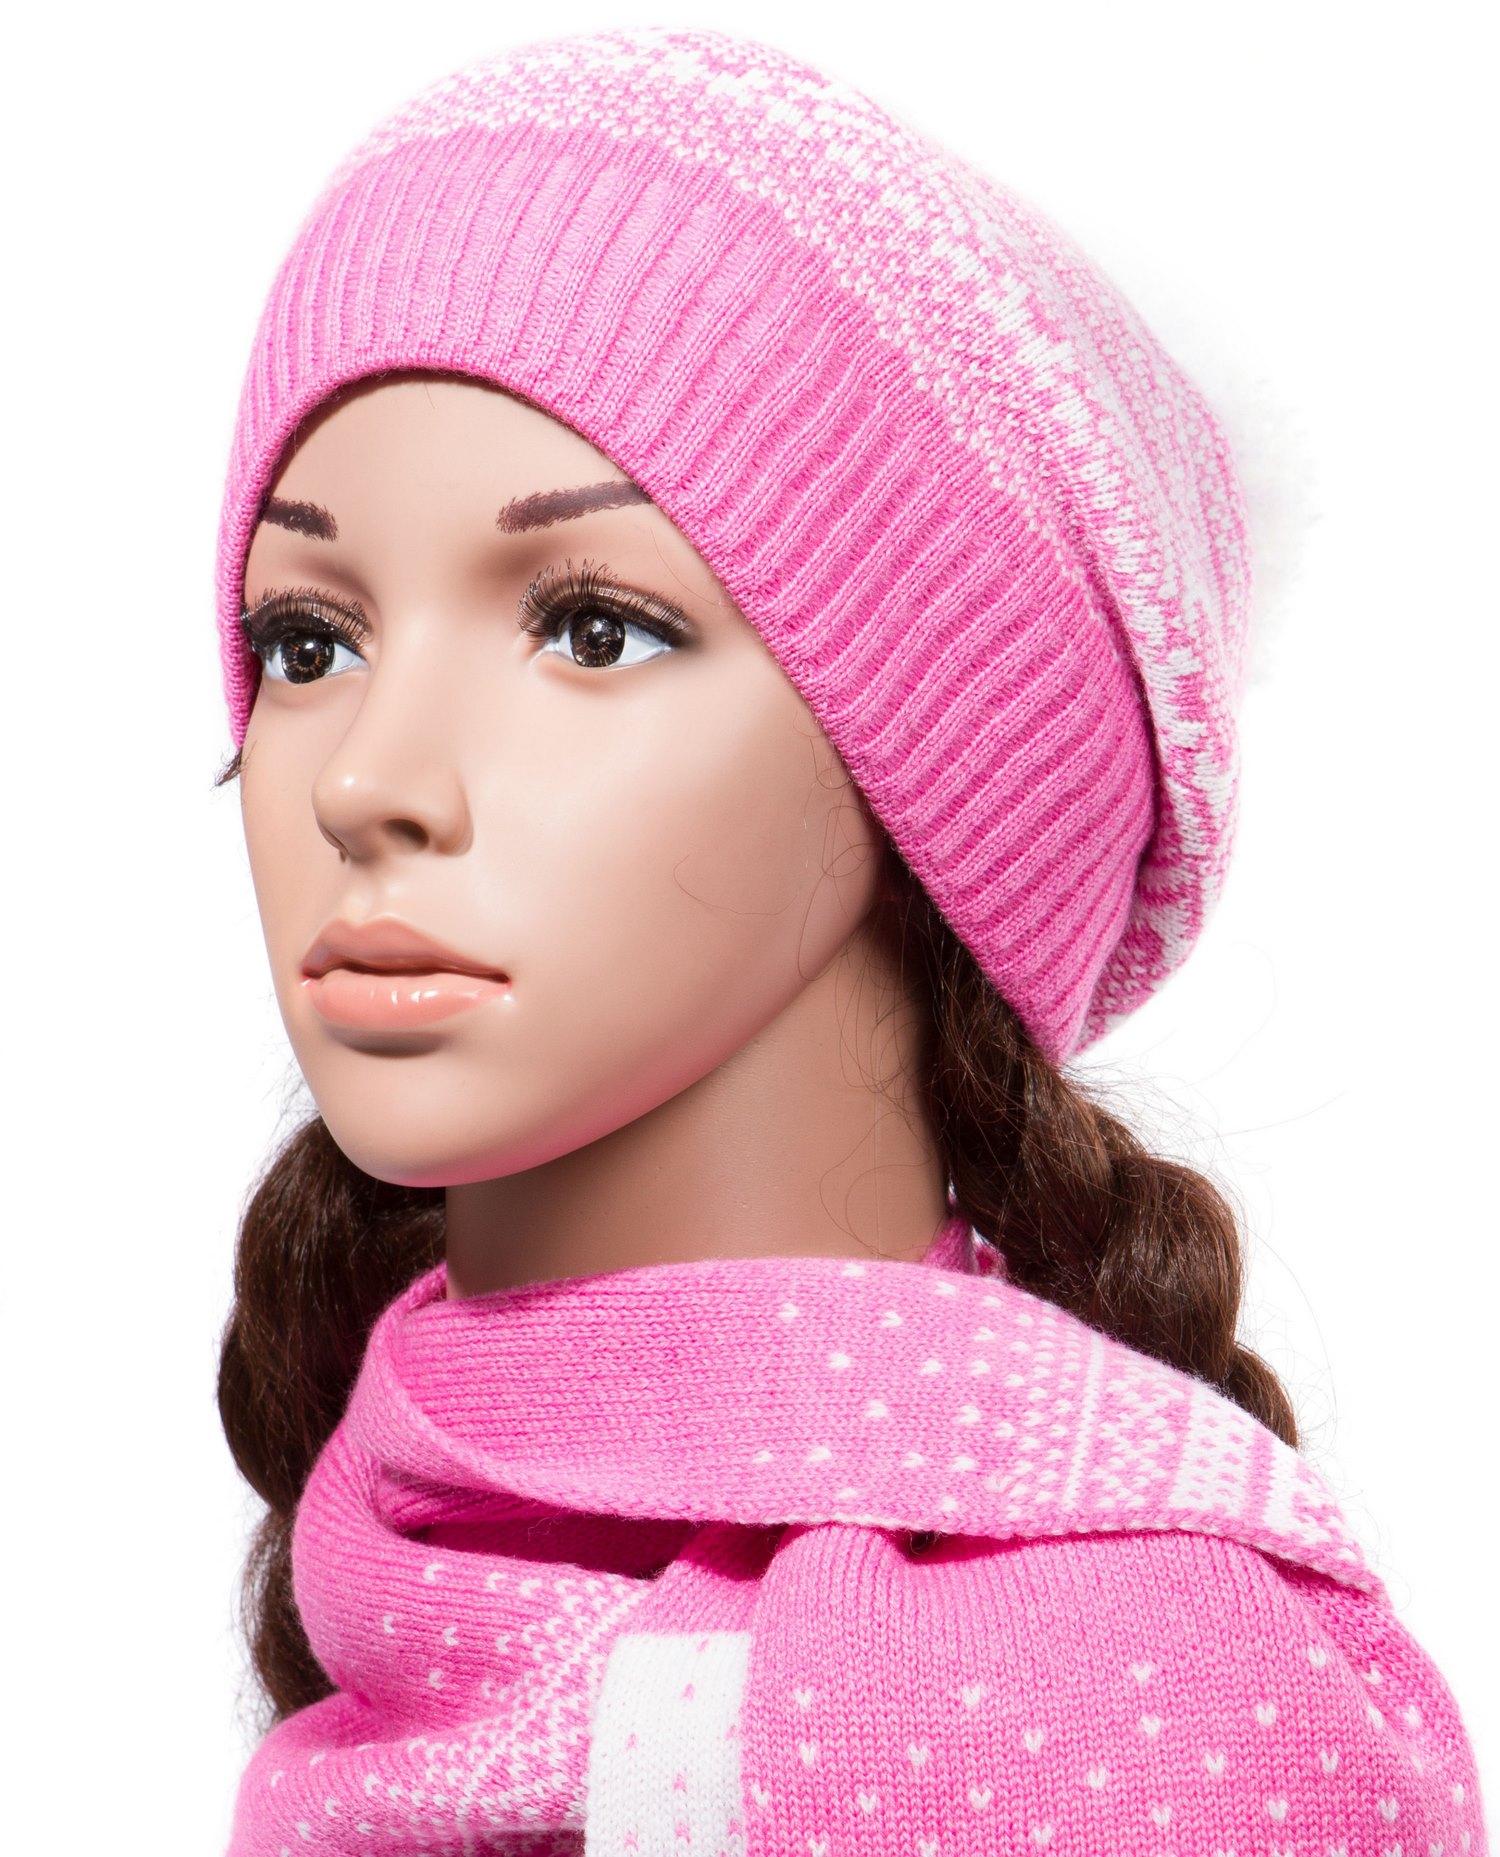 Купить Шапка женская из трикотажа с шарфом, МОСМЕХА, розовый, Трикотаж, 0601592